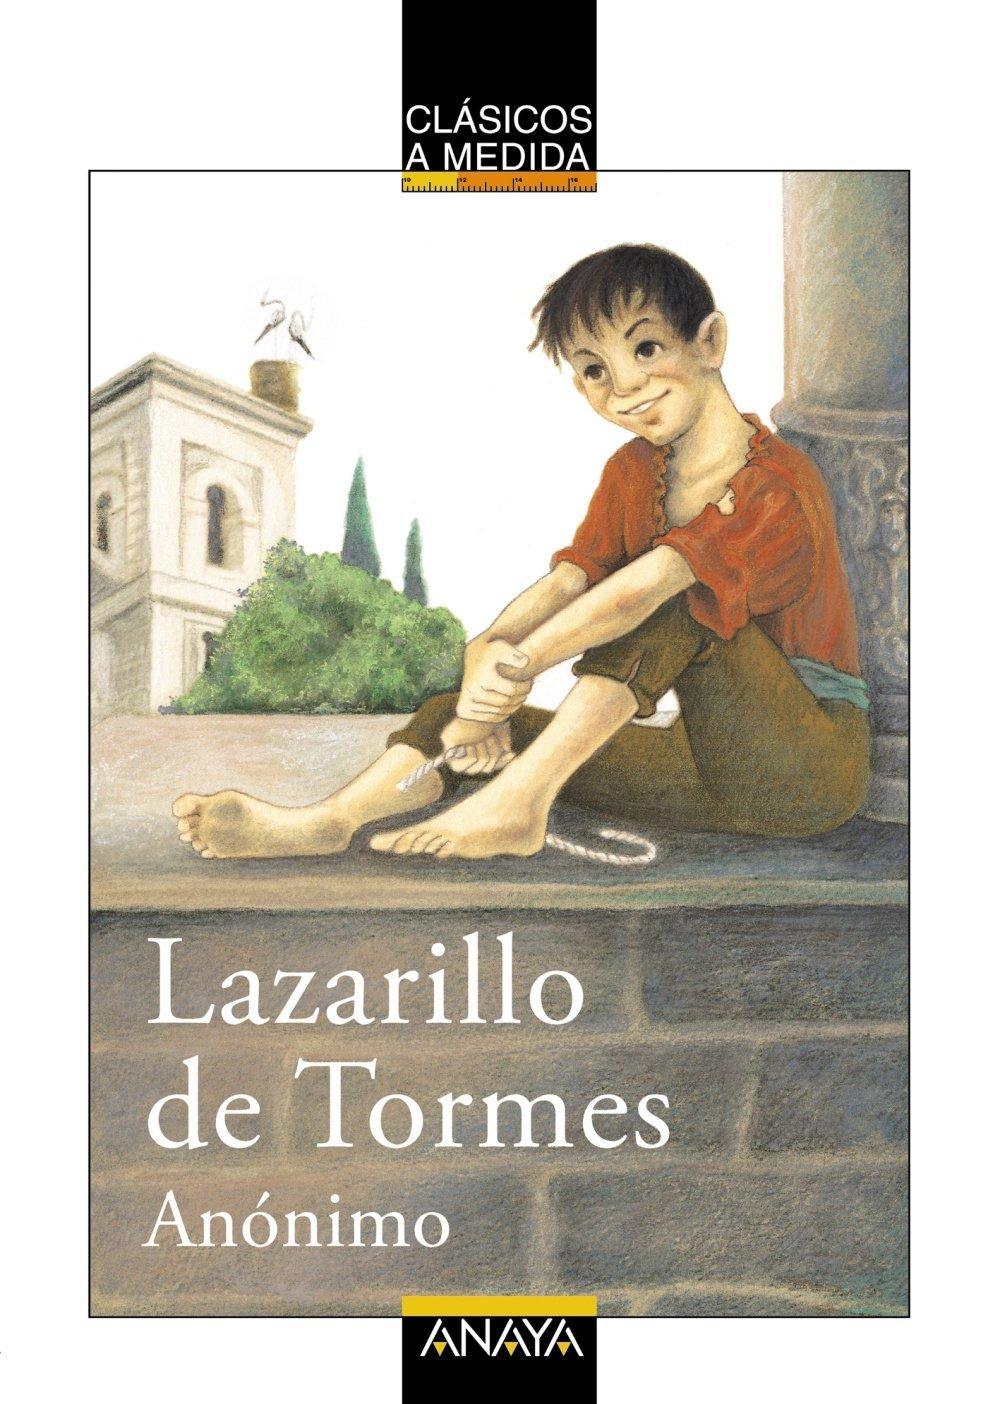 Lazarillo de Tormes (Clásicos - Clásicos A Medida) Tapa blanda – 4 sep 2006 Isabel Arechabala Juan Manuel Infante Moraño ANAYA INFANTIL Y JUVENIL 8466751718